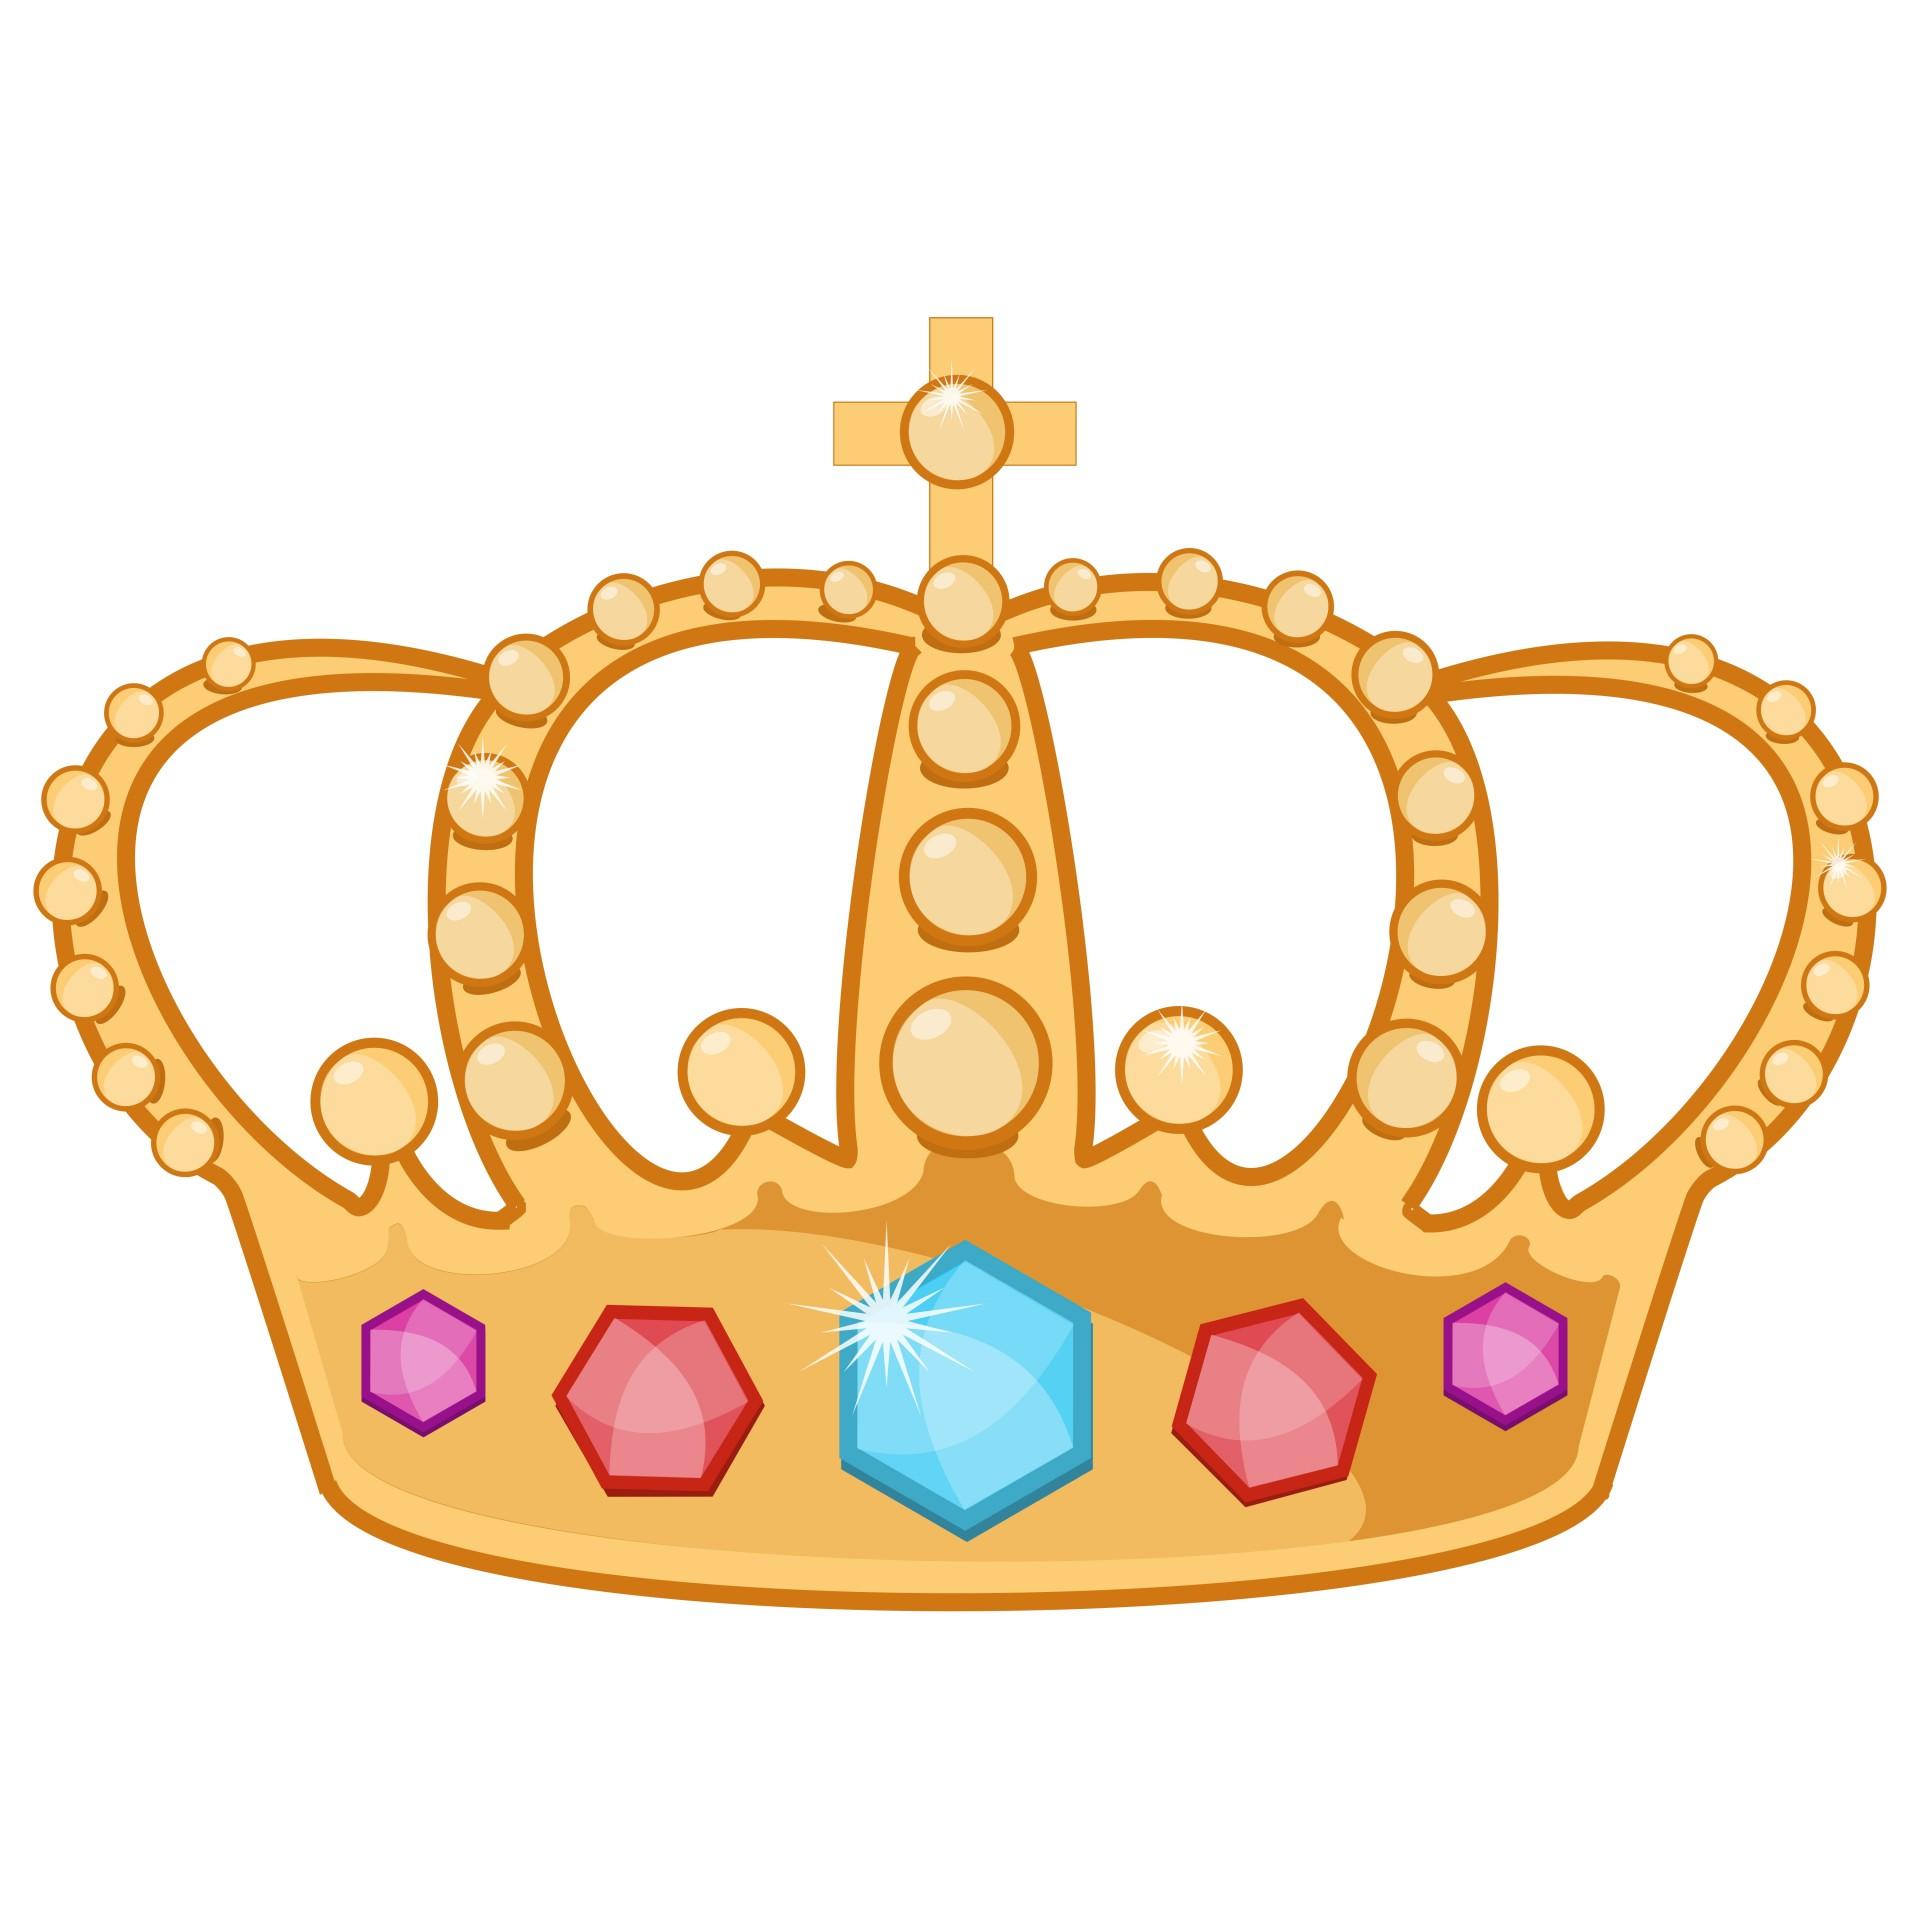 Crown clipart crown jewels Crown Pictures Public Domain